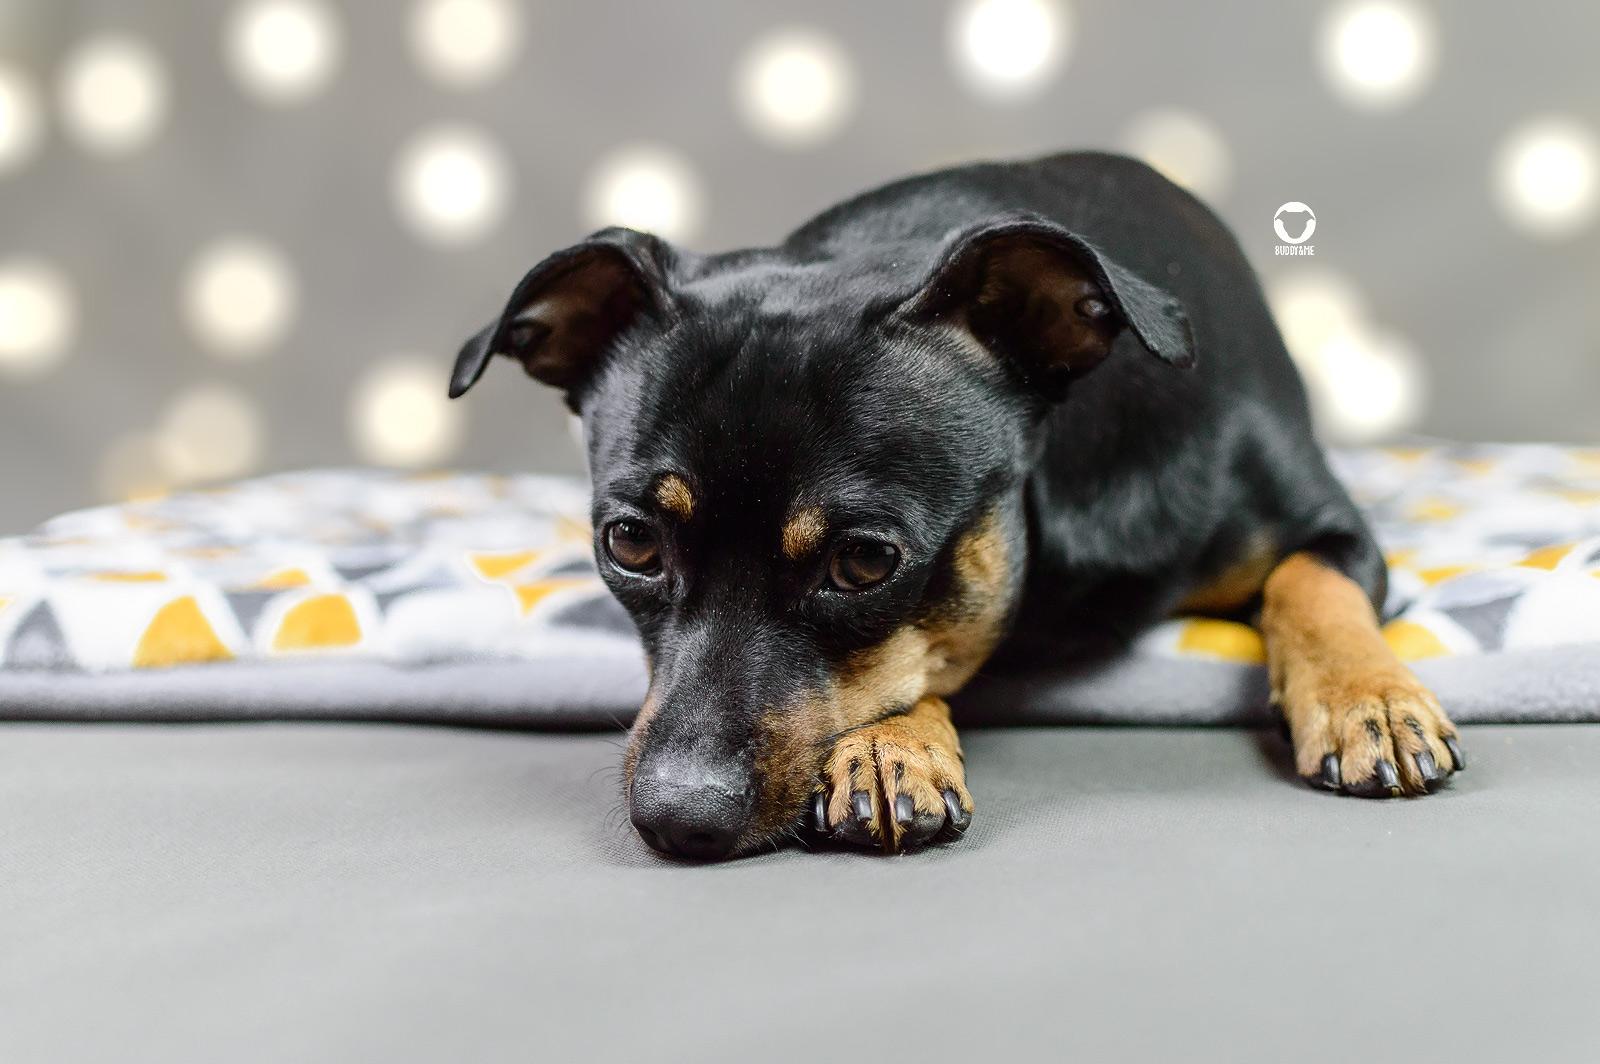 Pinscher Buddy, Buddy and Me, Hundeblog, Dogblog, Fotostudio, Heimstudio, Hundefotografie, Fotohintergrund, Fotoleuchte, Softbox, Tageslichtlampe, Aufsteckblitz, Equipment, Tipps, Tricks, einfach, günstig